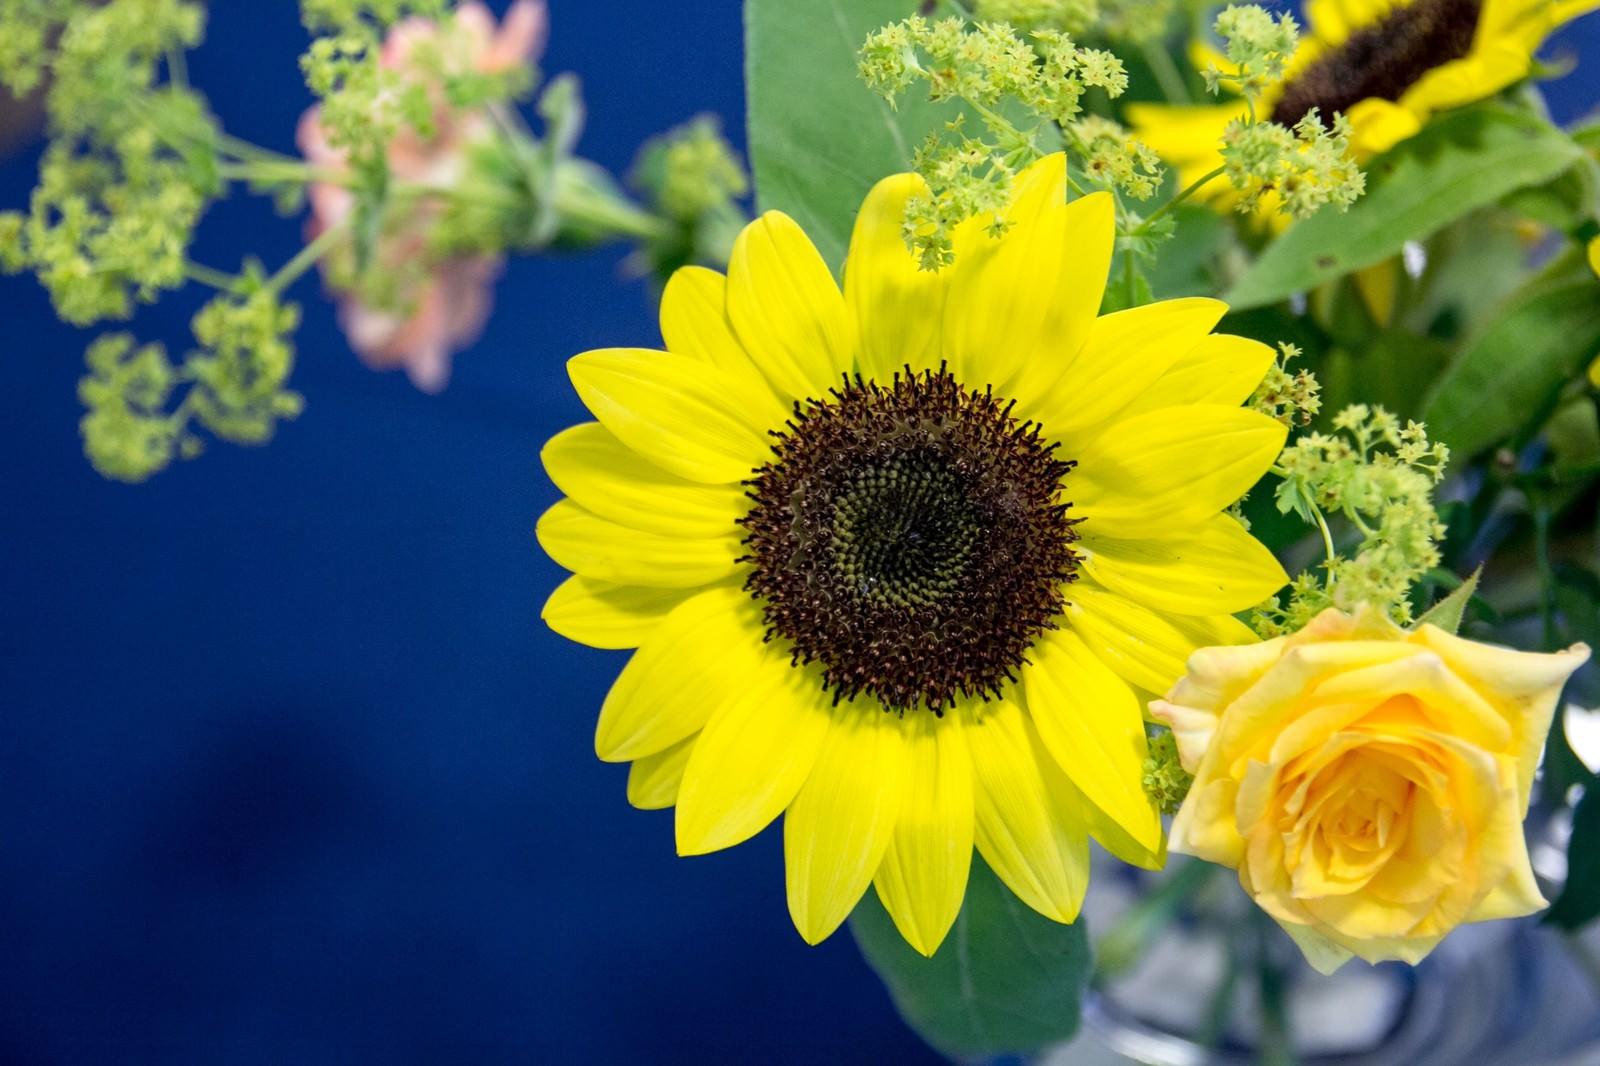 「花瓶のひまわり花瓶のひまわり」のフリー写真素材を拡大